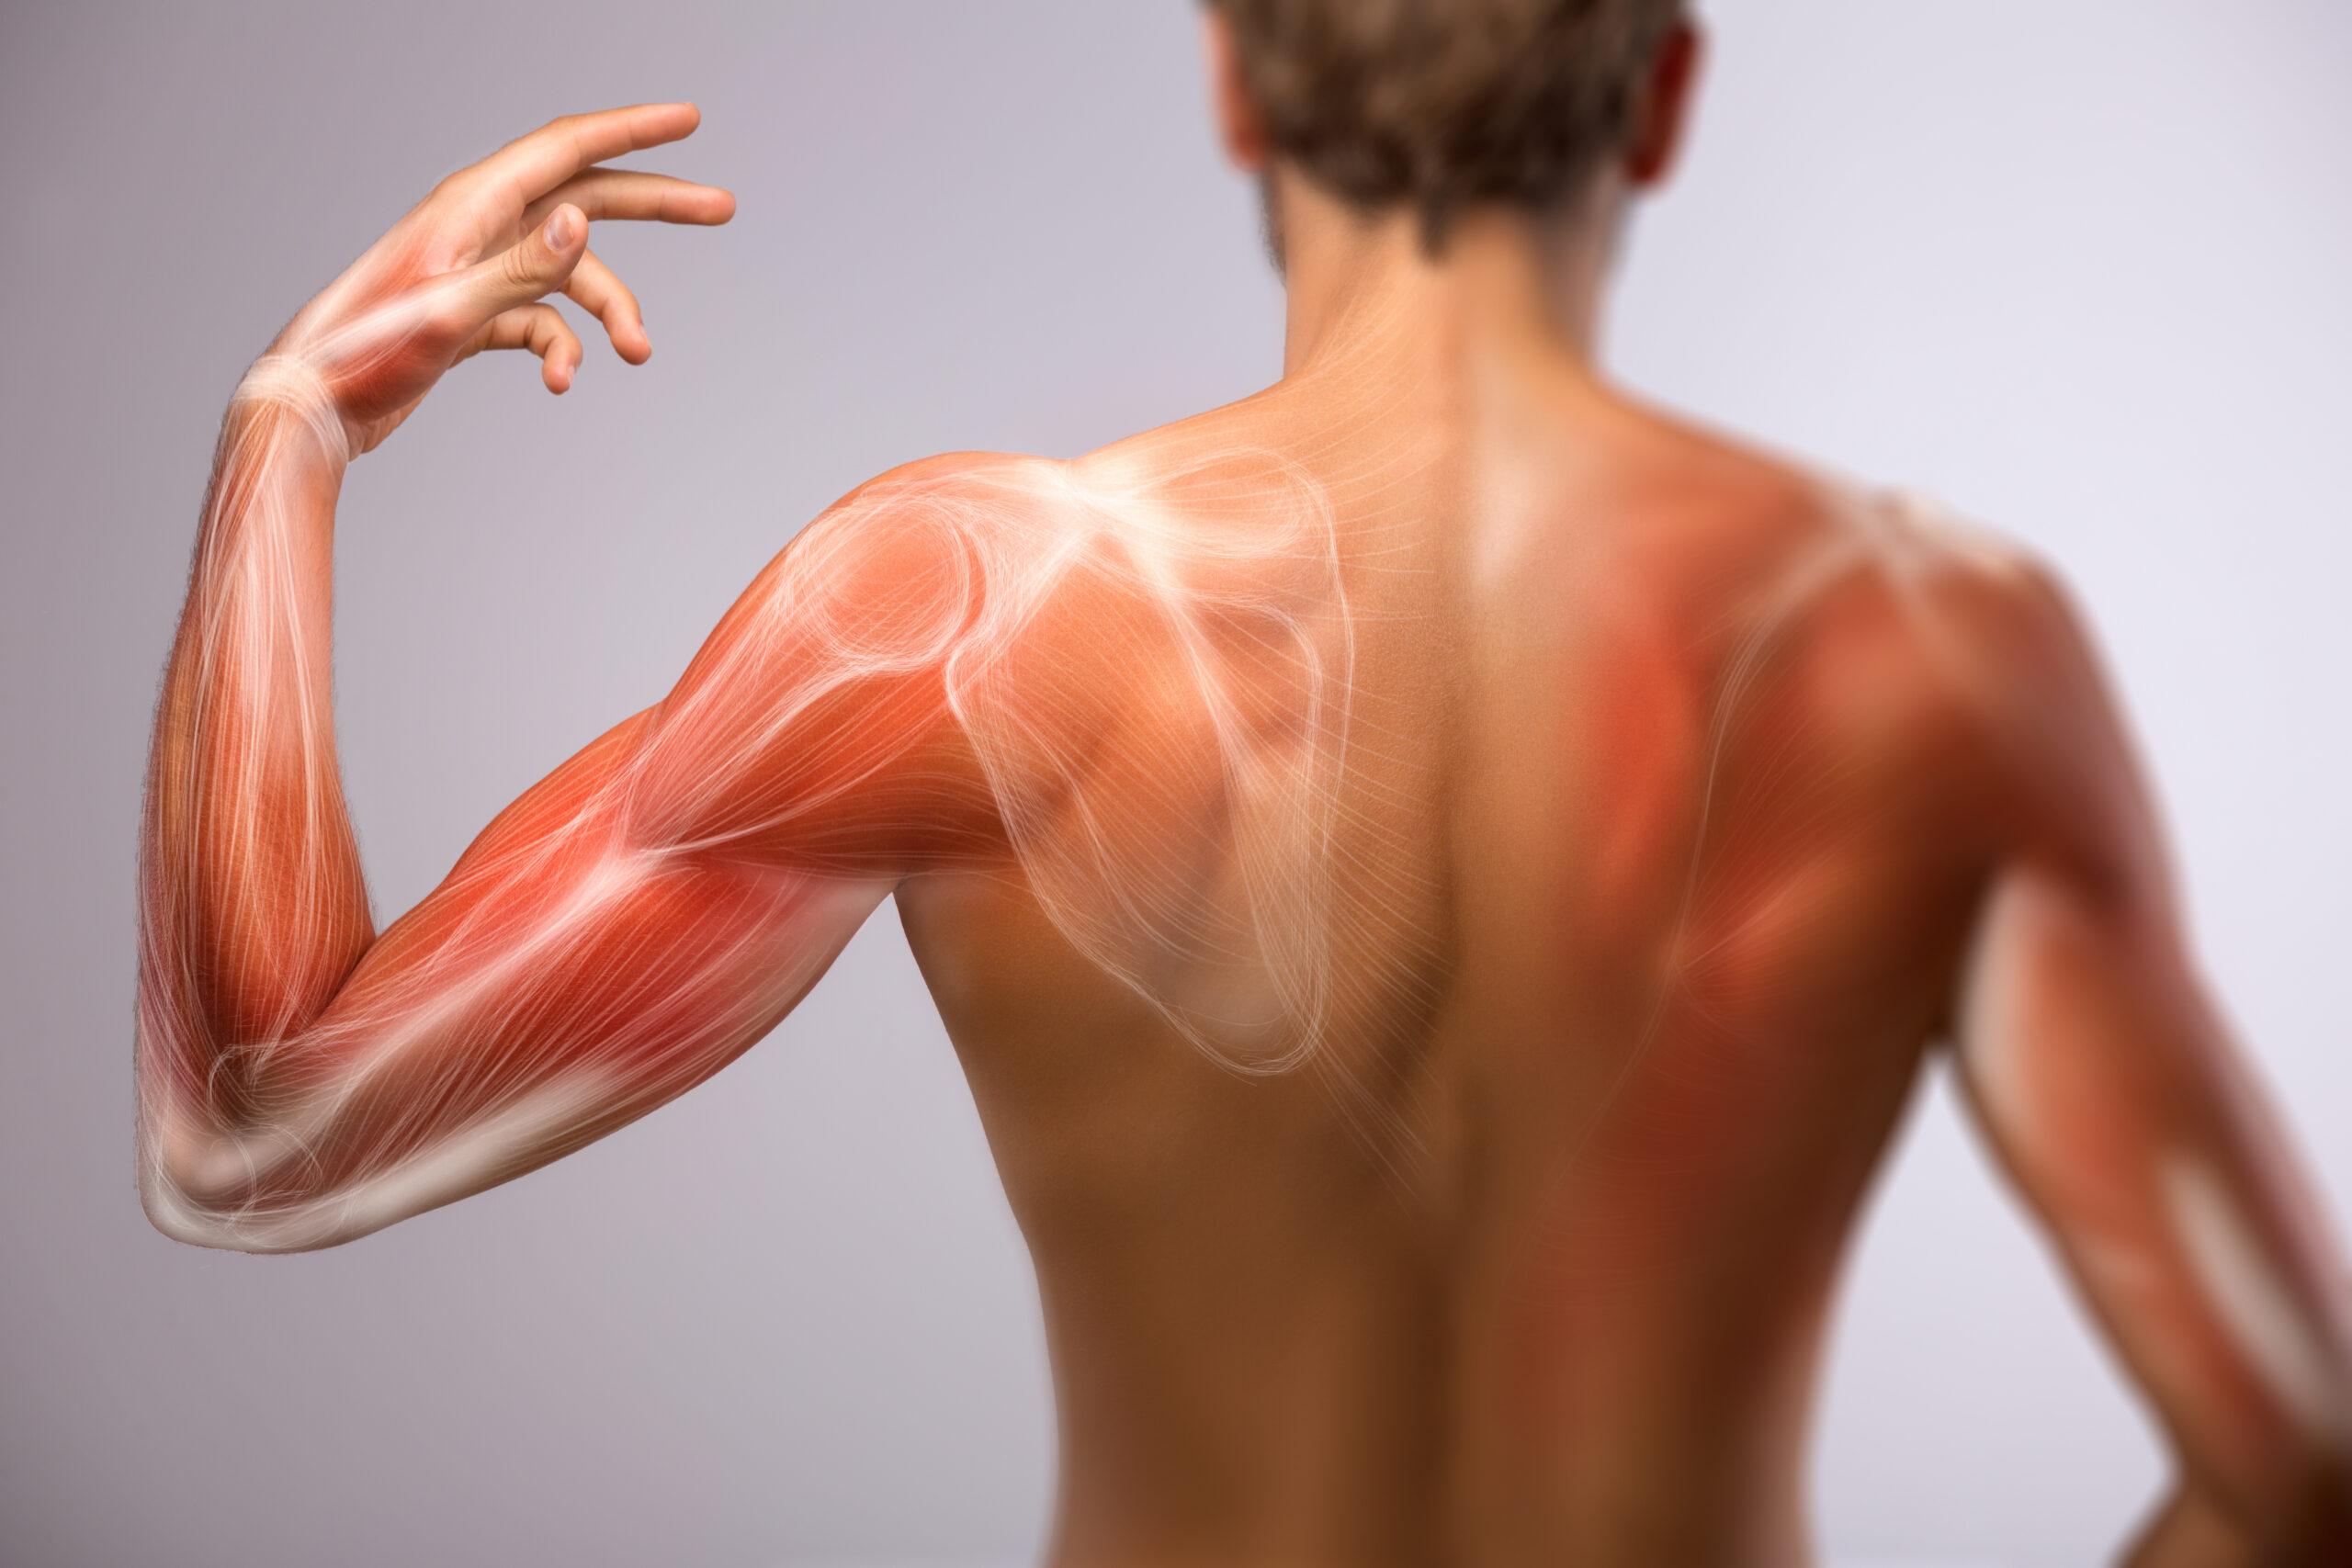 Faszien: Ansicht auf die Körper-Rückseite. Anatomie des menschlichen Arms und Schulterblatts